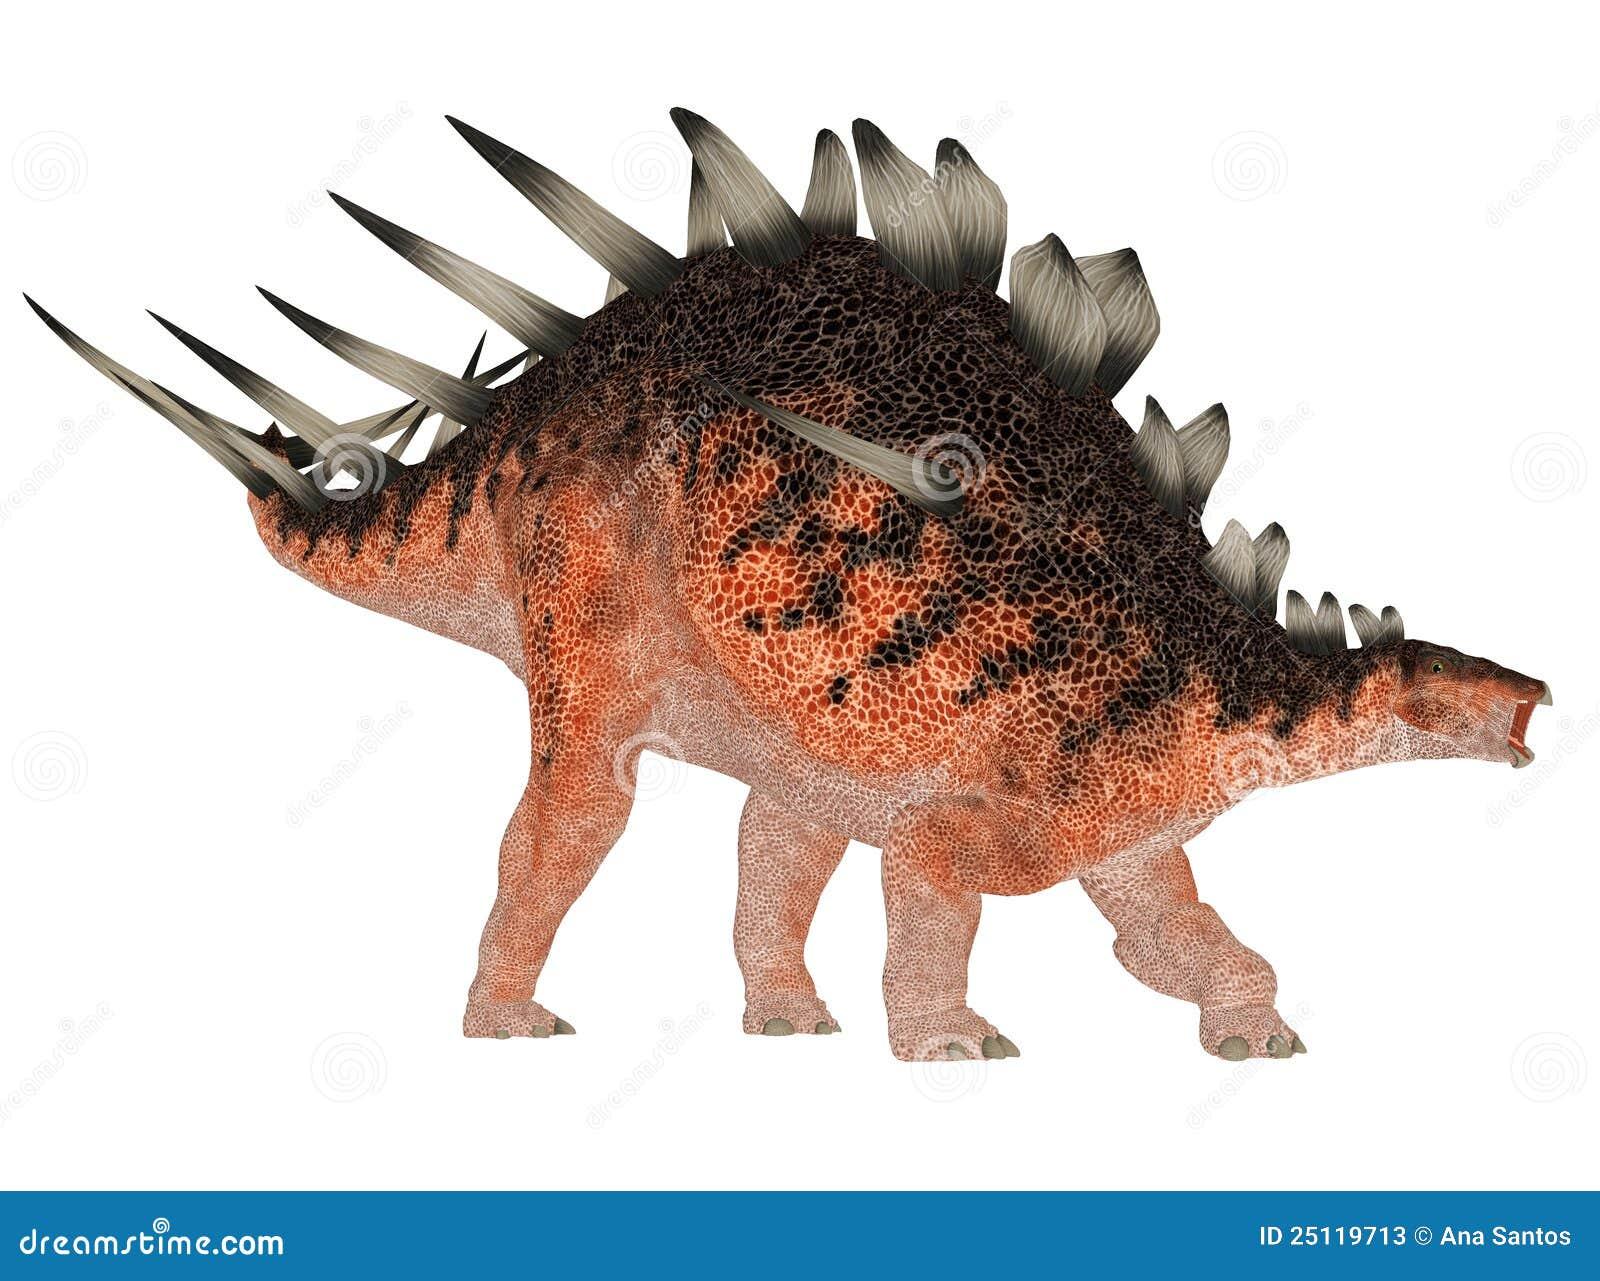 dinosaur train kentrosaurus - photo #27